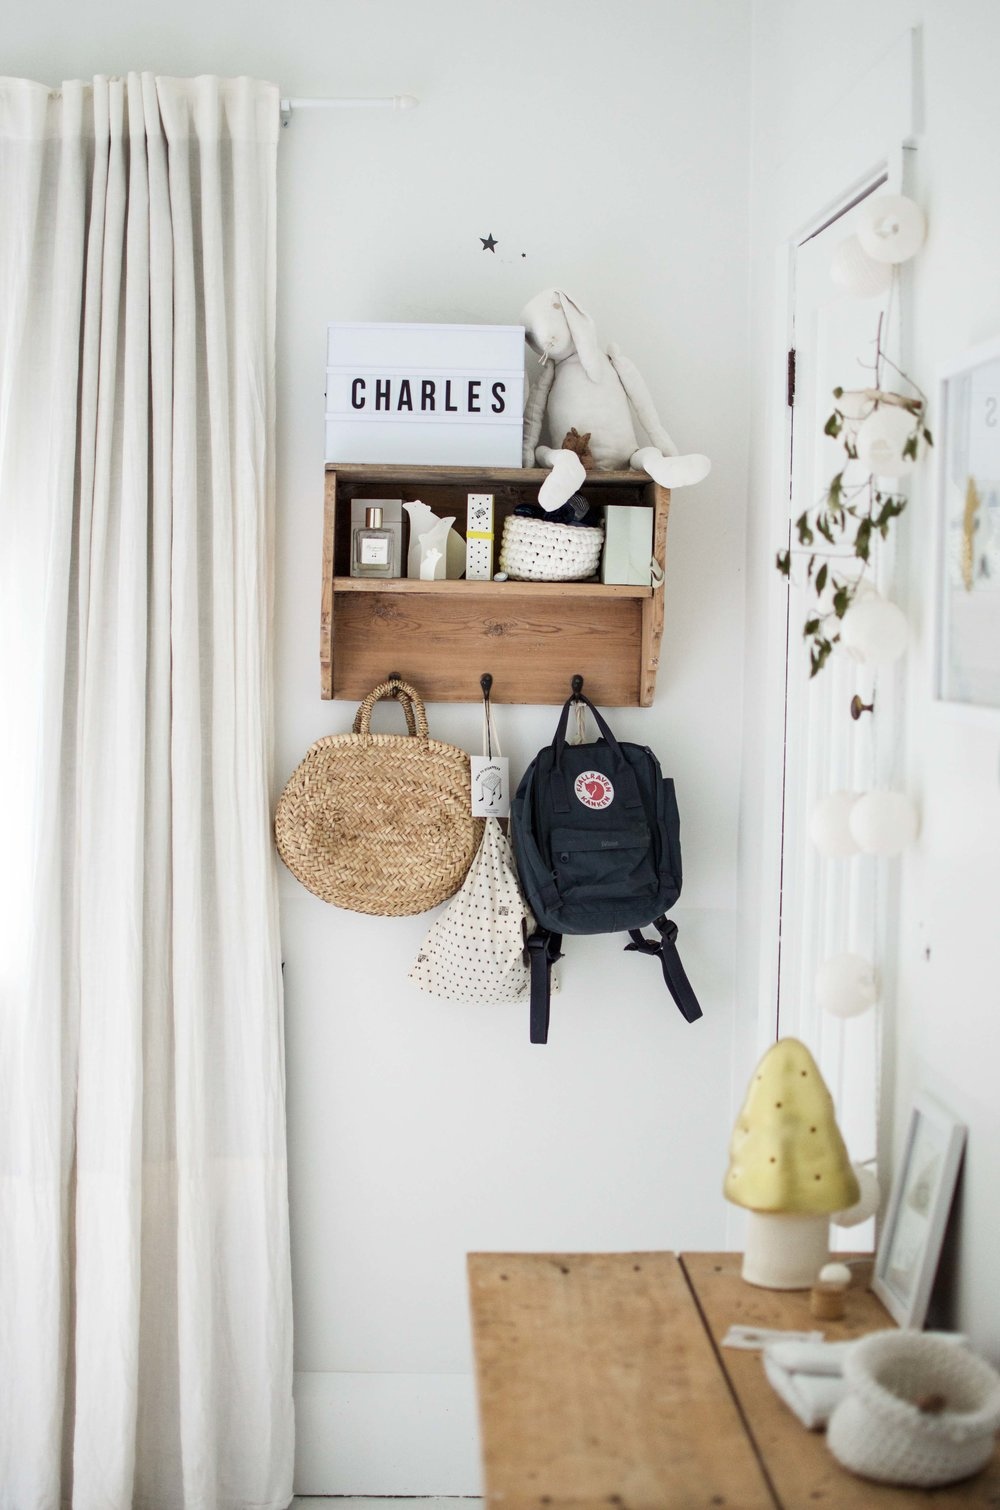 charles-bedroom-29-of-29.jpg